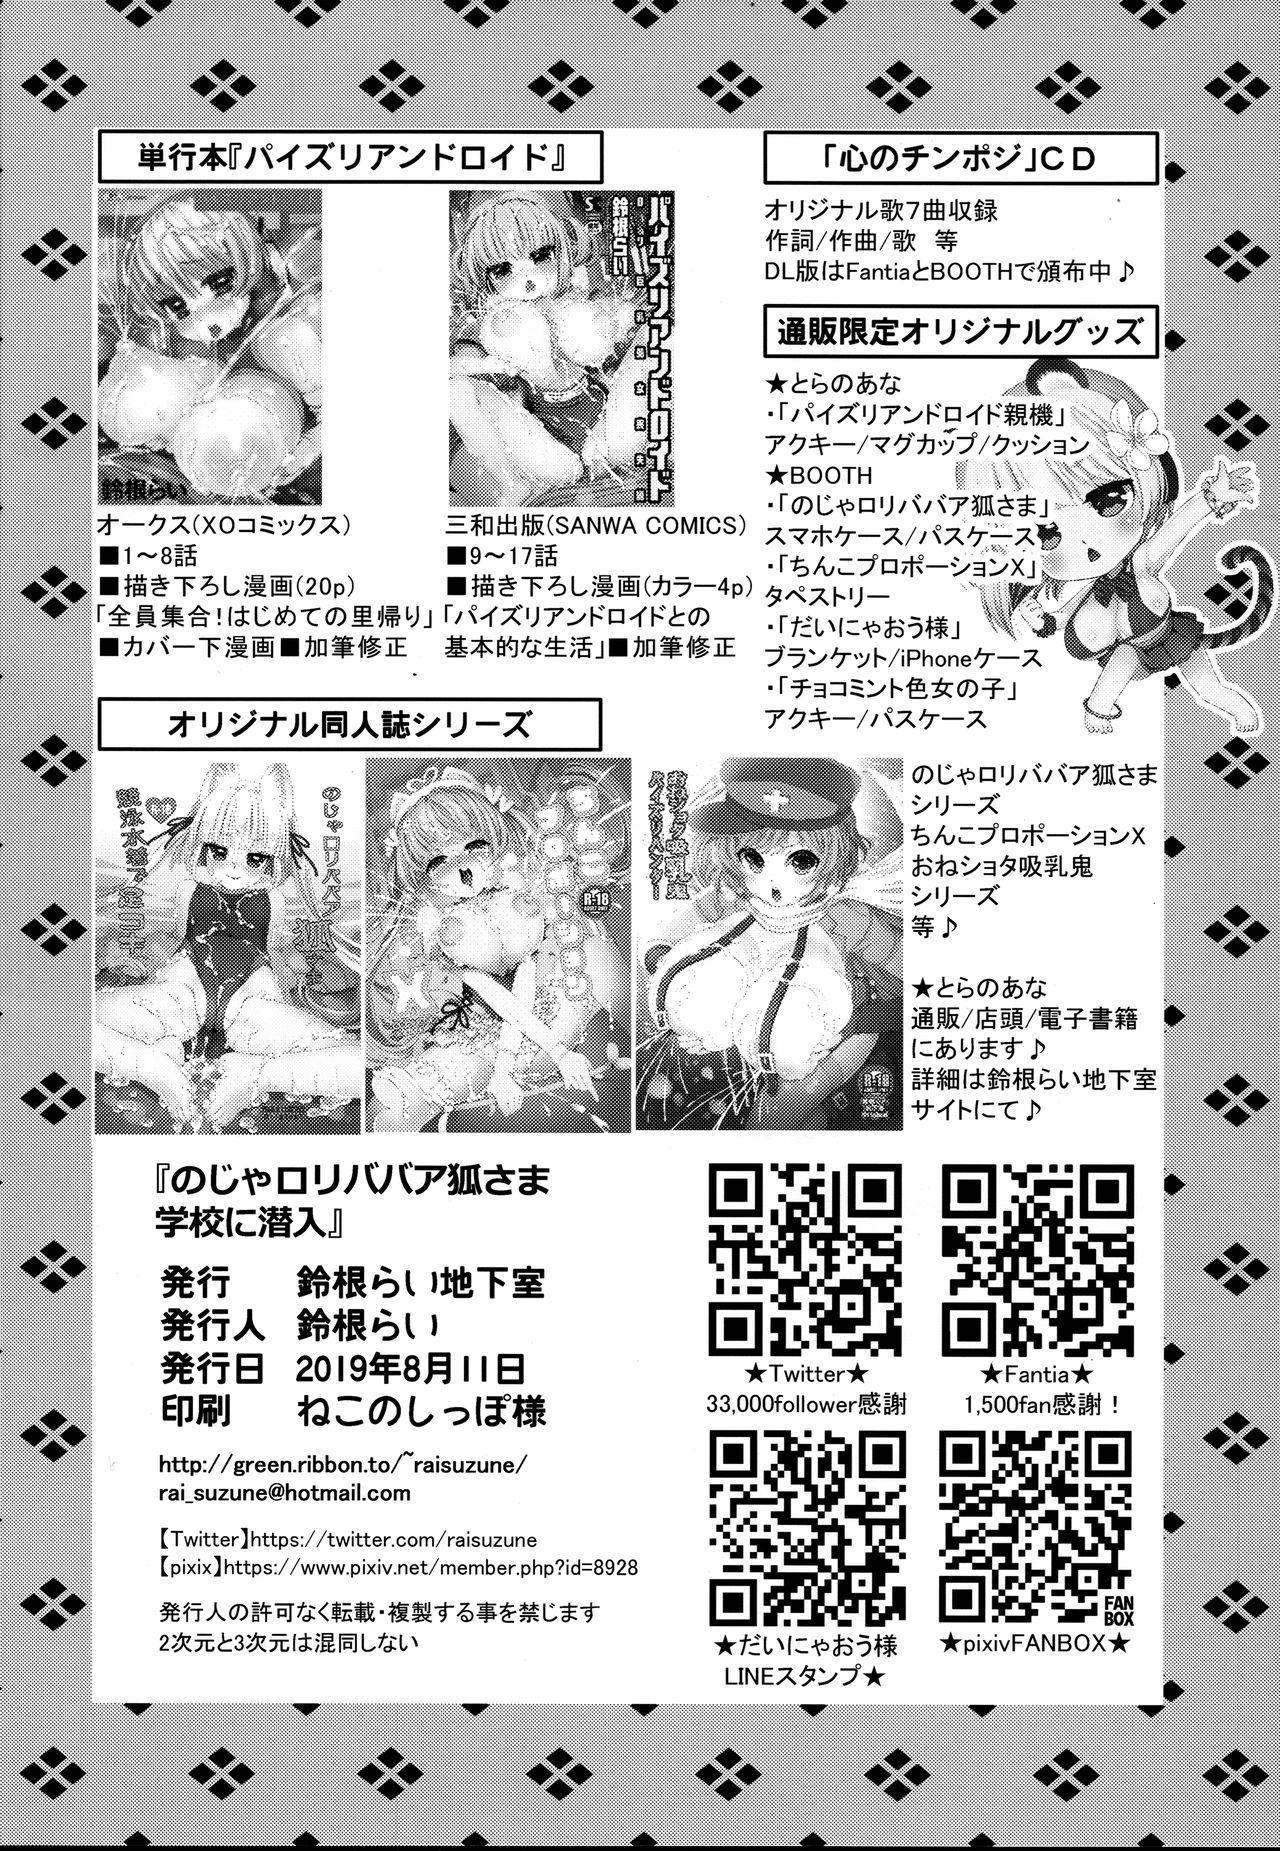 Noja Loli Babaa Kitsune-sama Gakkou ni Sennyu 21